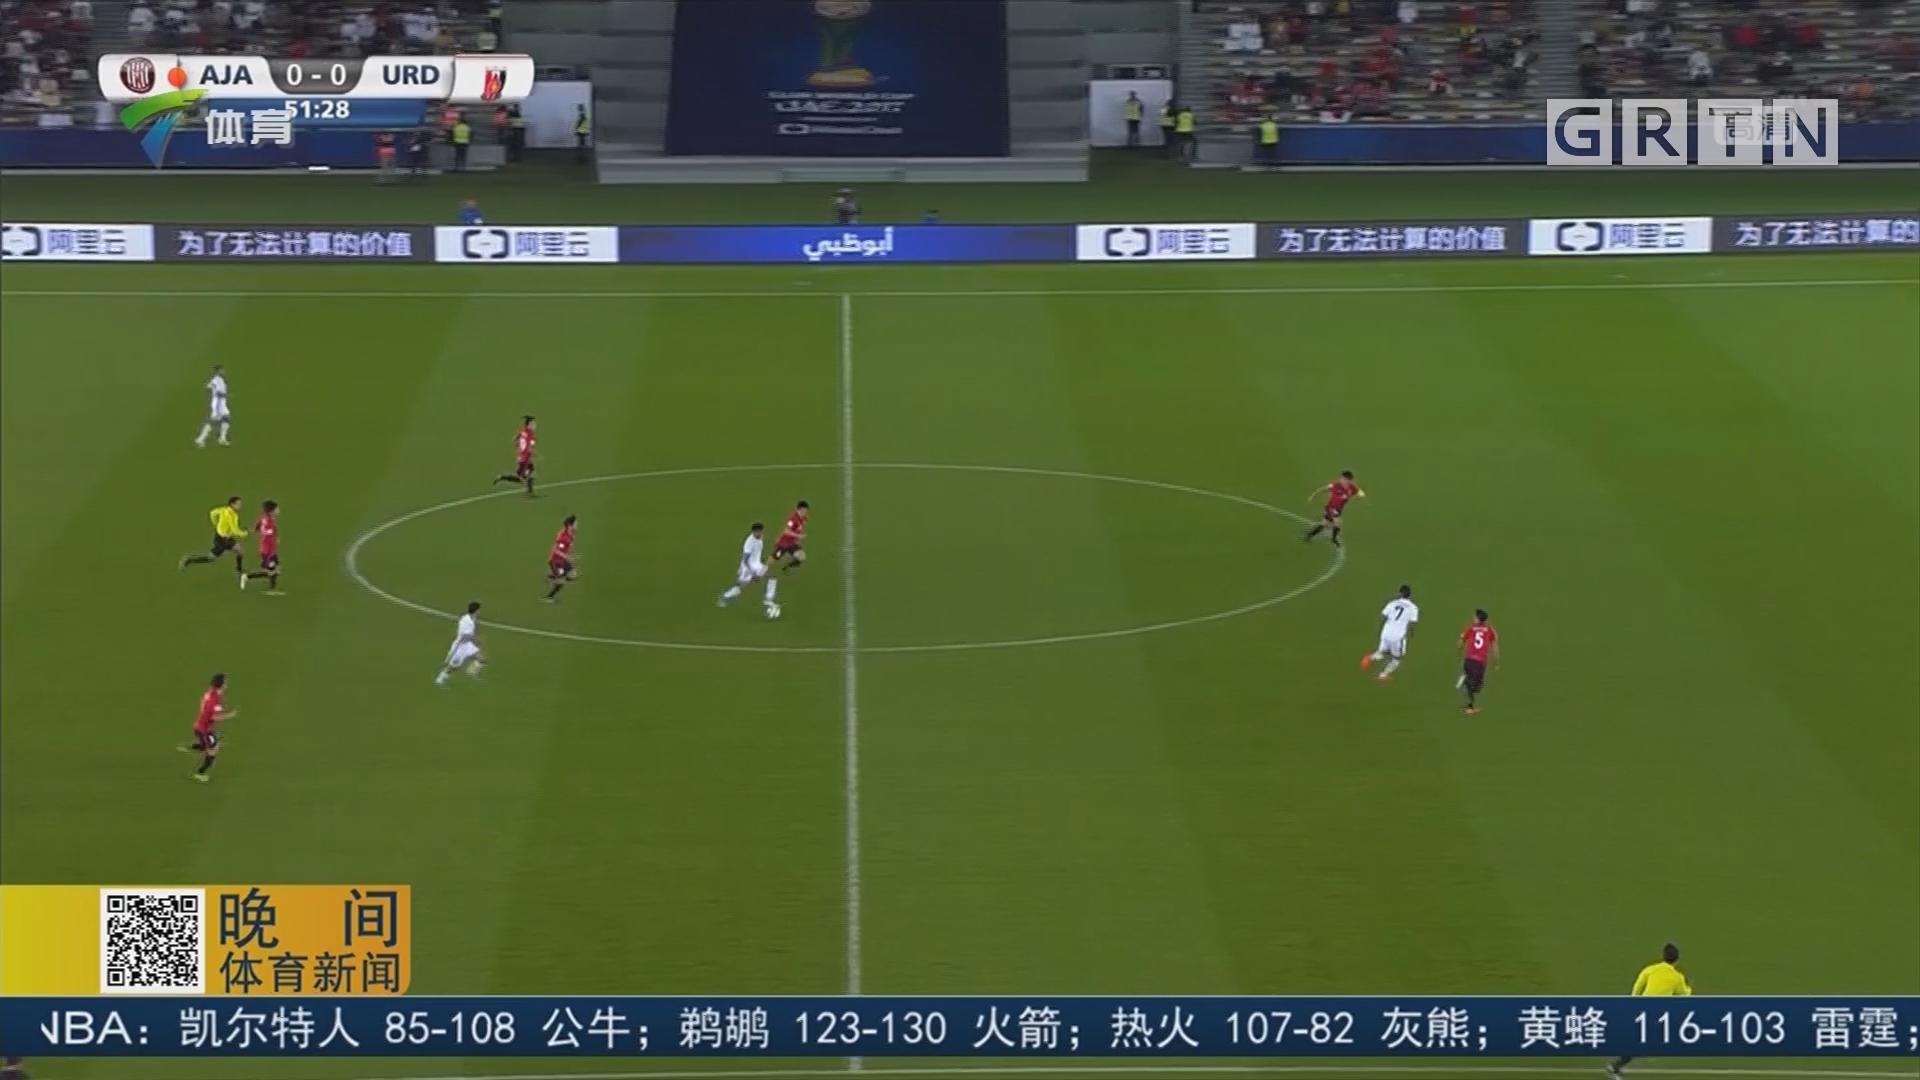 世俱杯:浦和红钻将战卡萨布兰卡 争夺第五